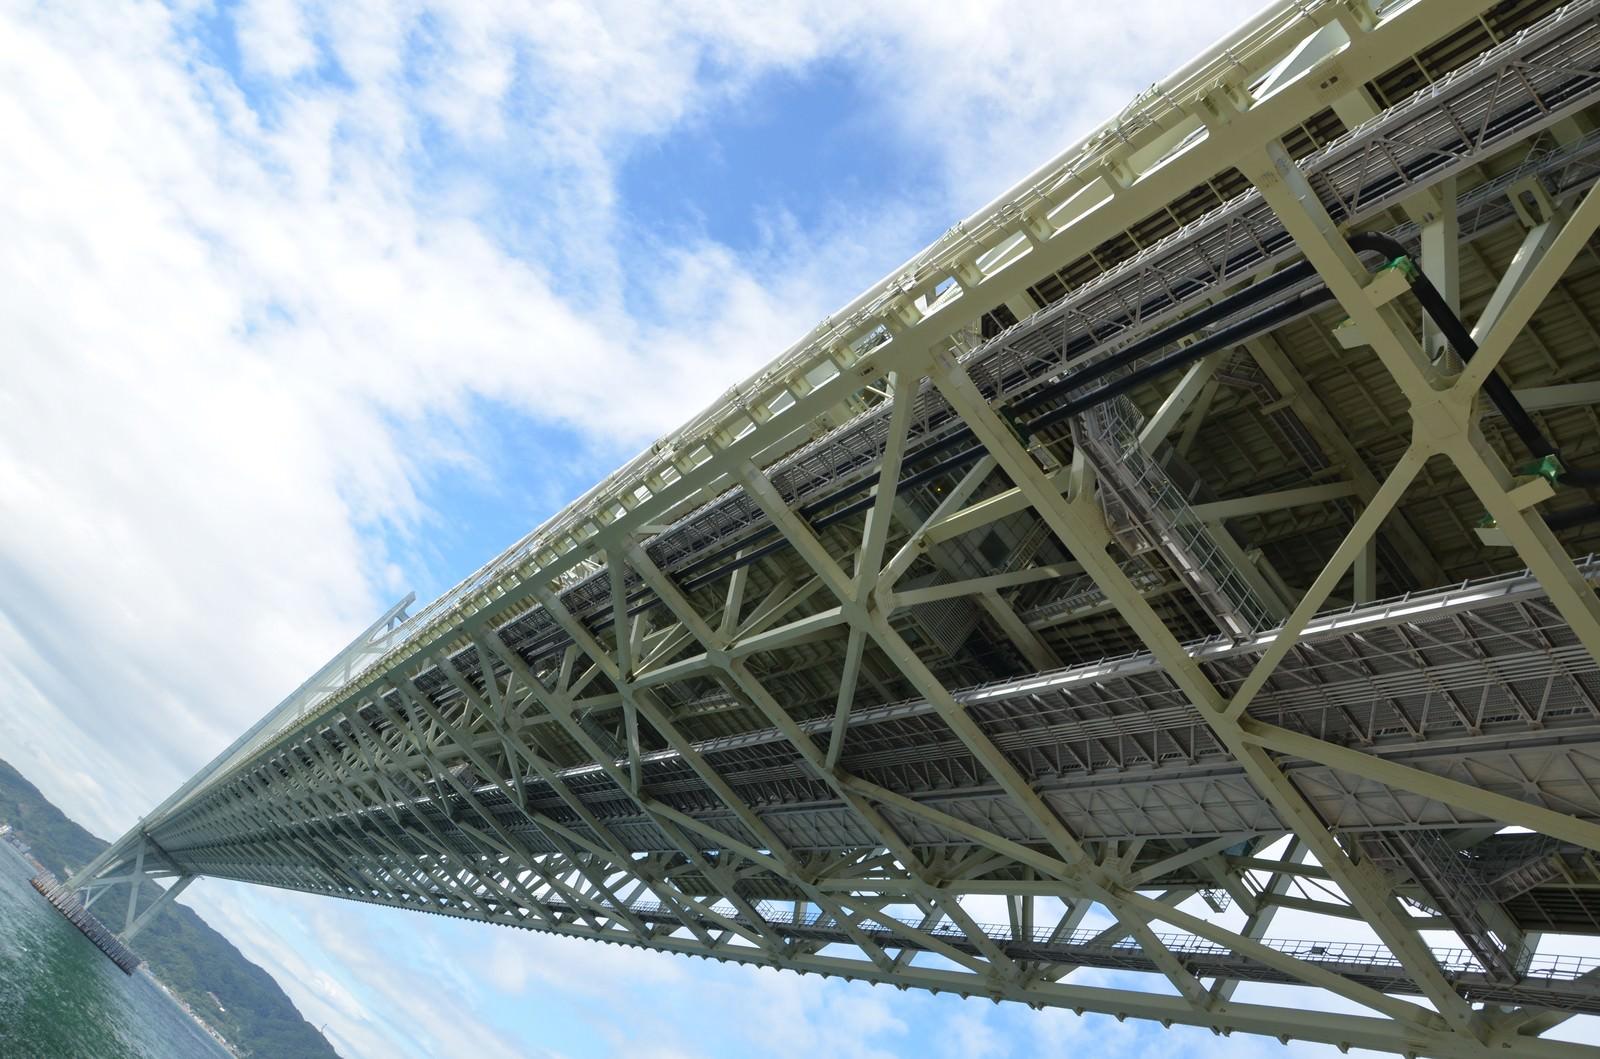 「陸橋下のアングル」の写真